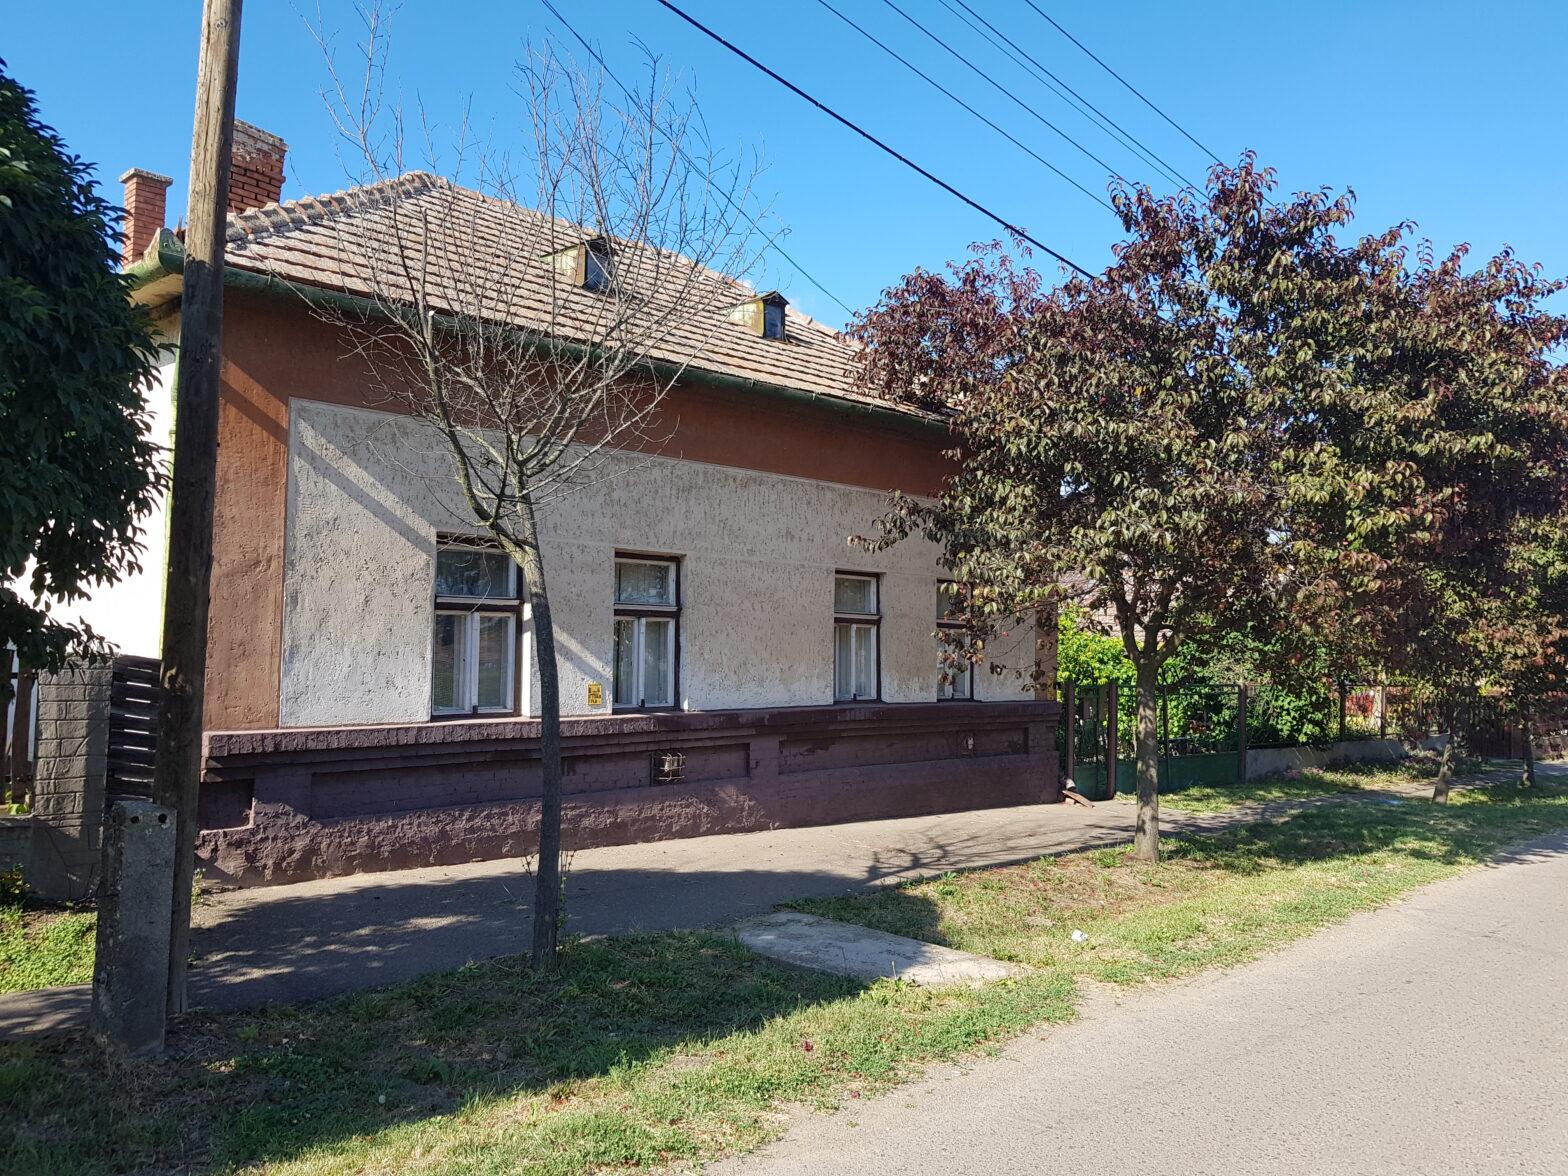 Landhaus | Tiszaigar, Dózsa György út, 5361 Ungarn